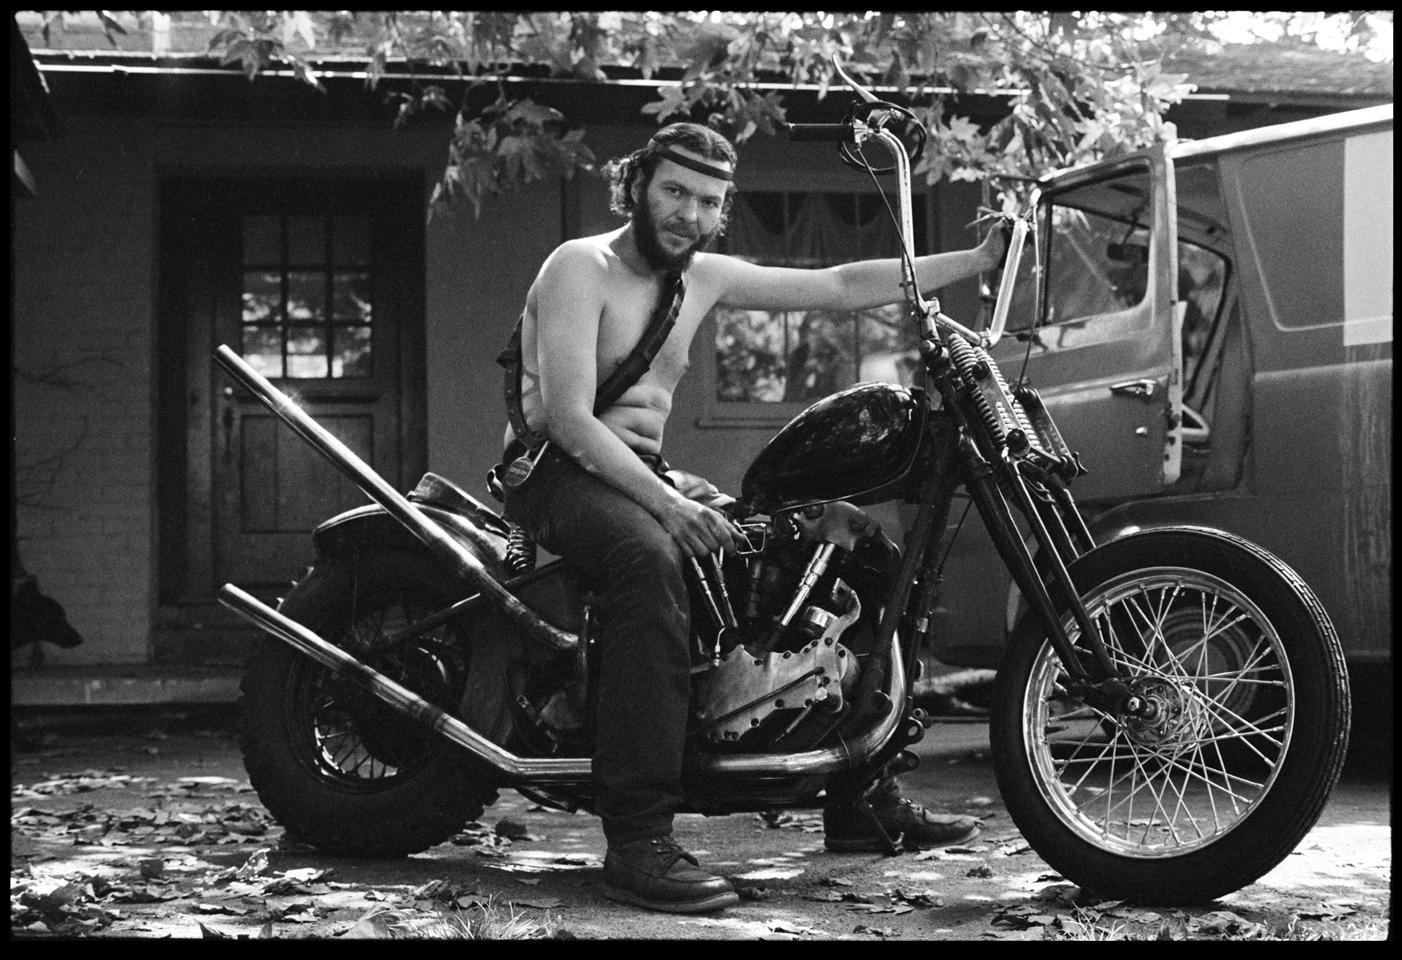 LA_Biker_F31